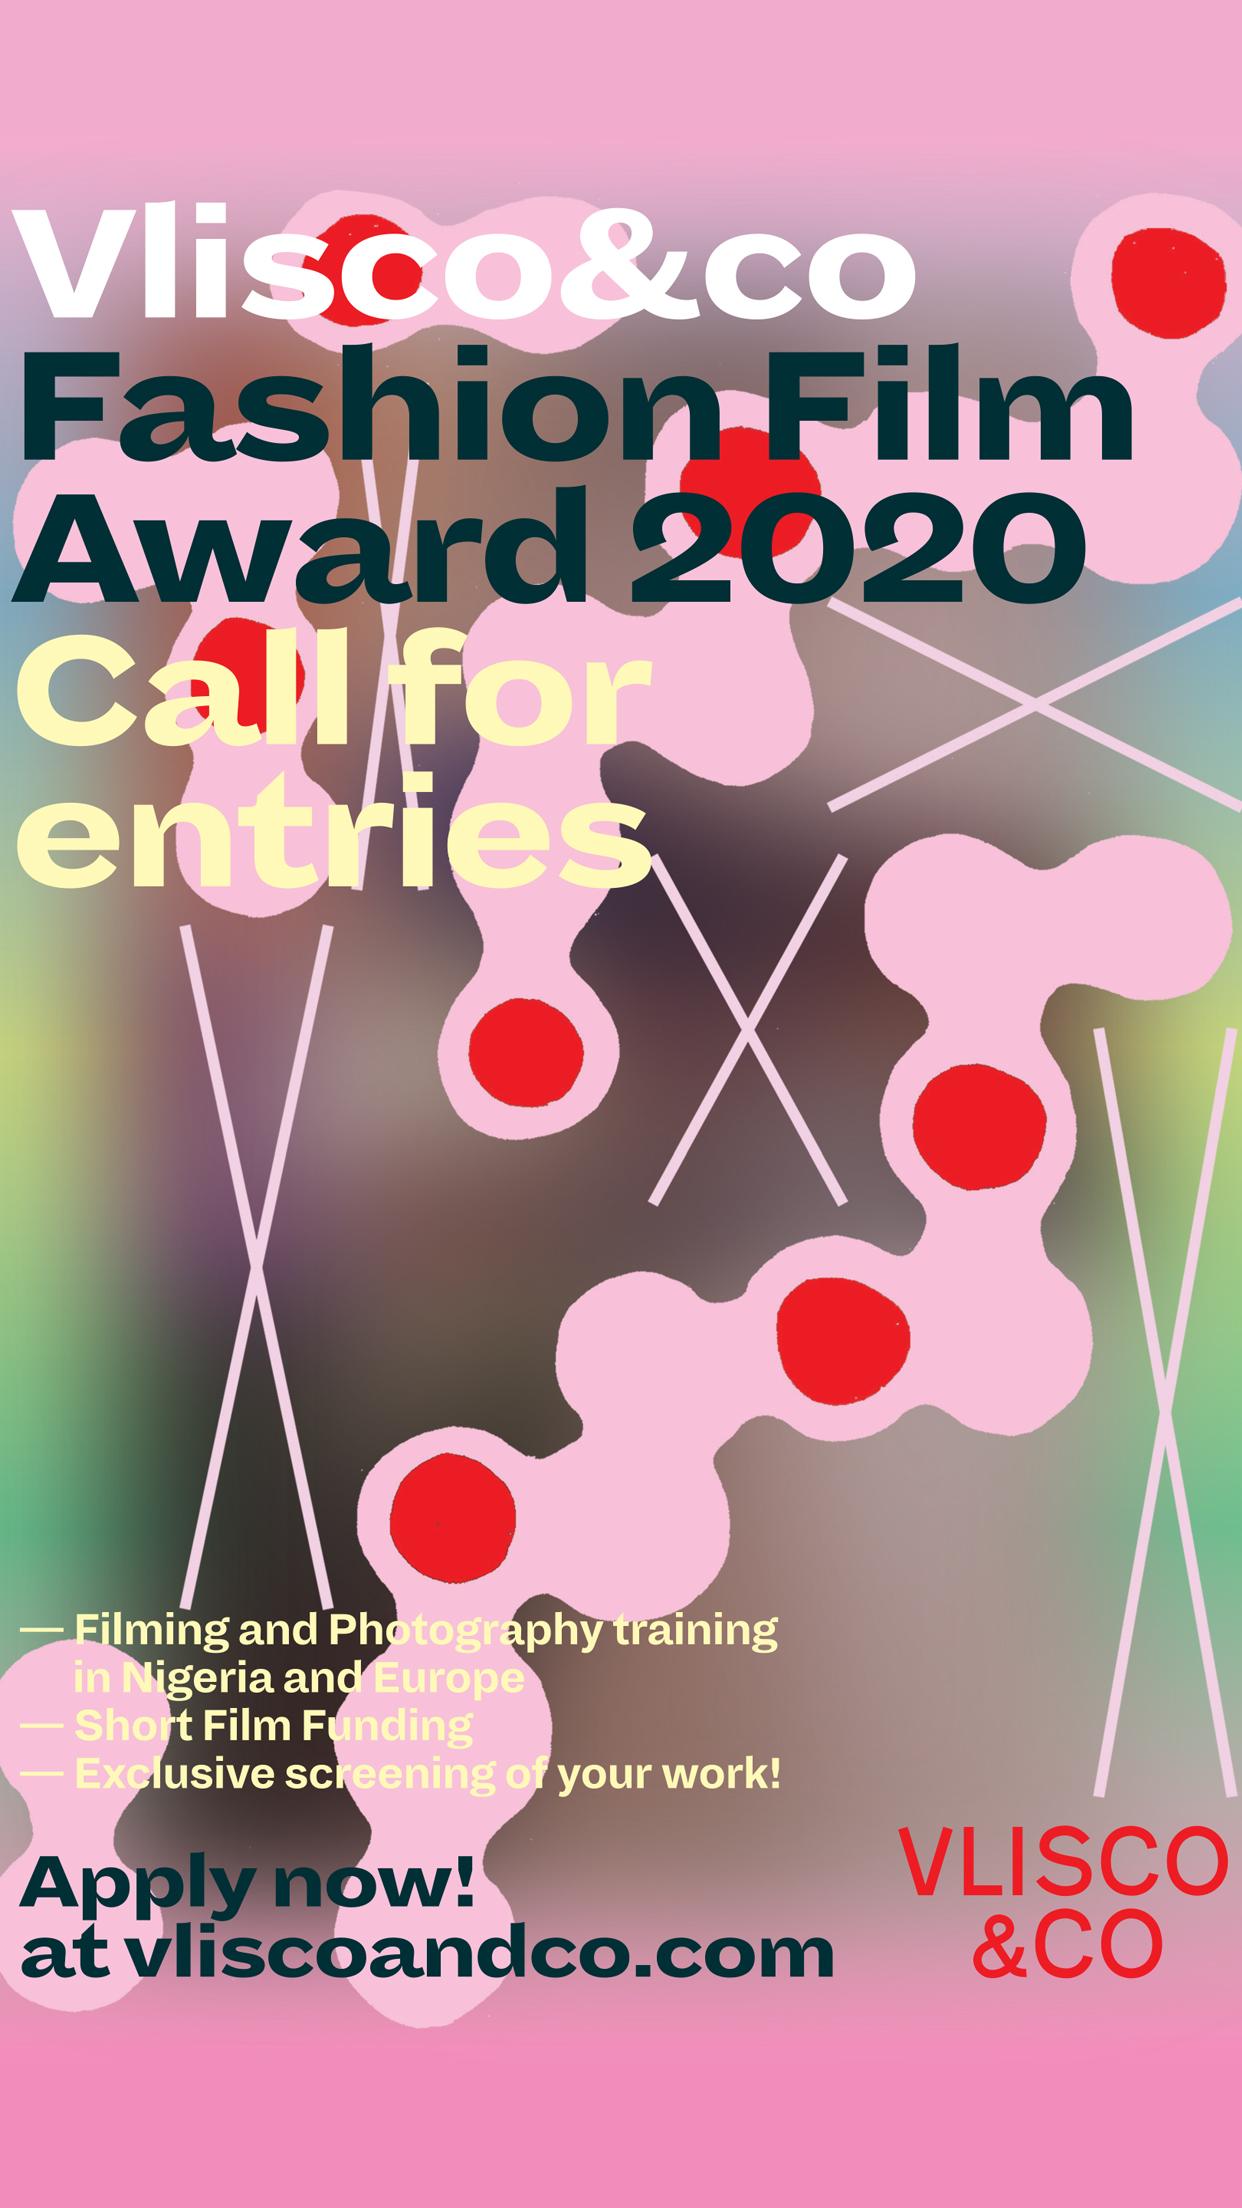 Vlisco&co's Fashion Film Award 2020.